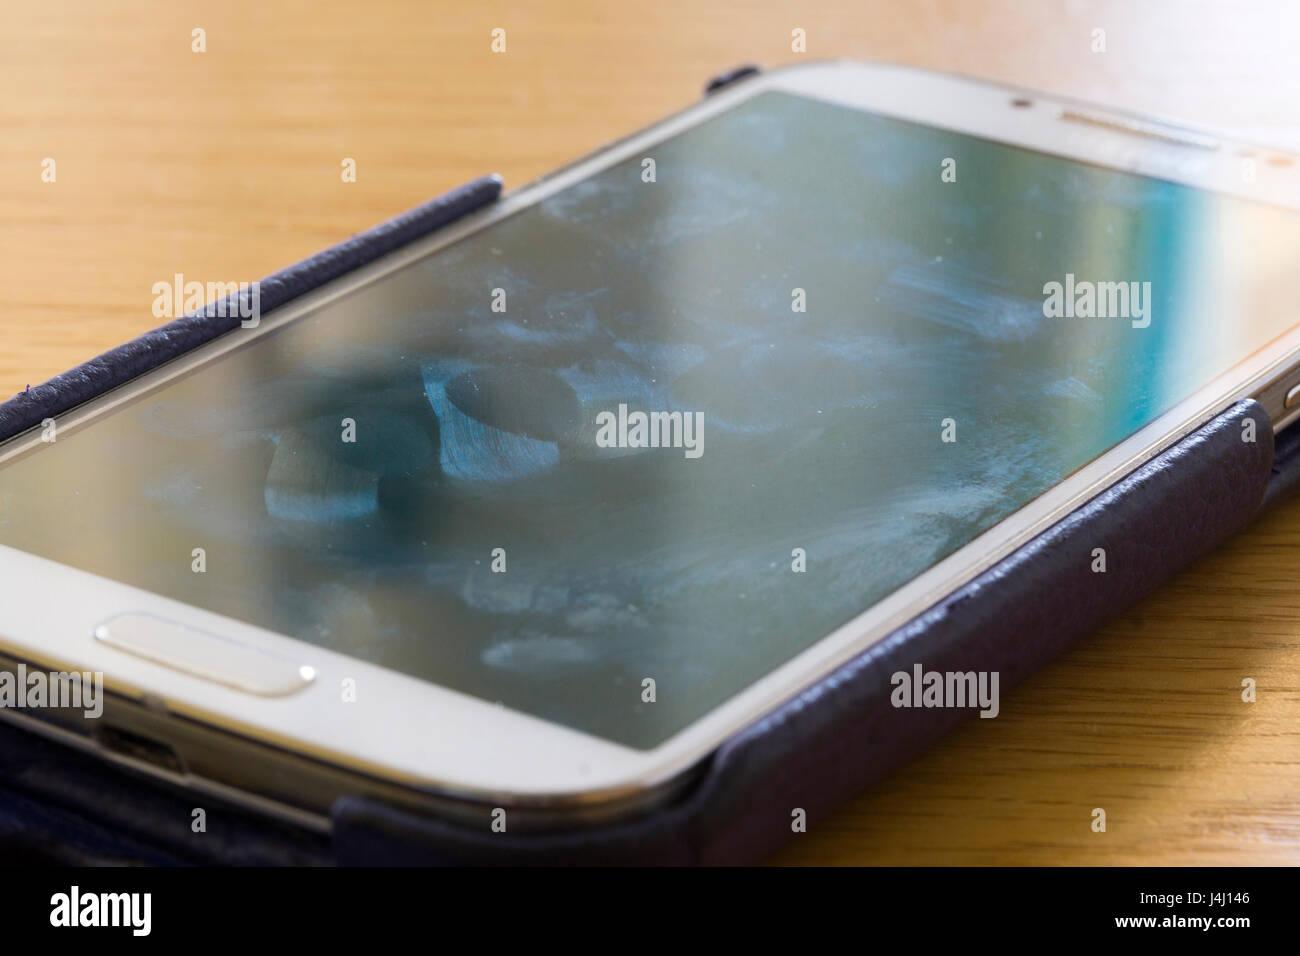 Un gros plan sur un écran smartscreen montrant des frottis et empreintes digitales Photo Stock